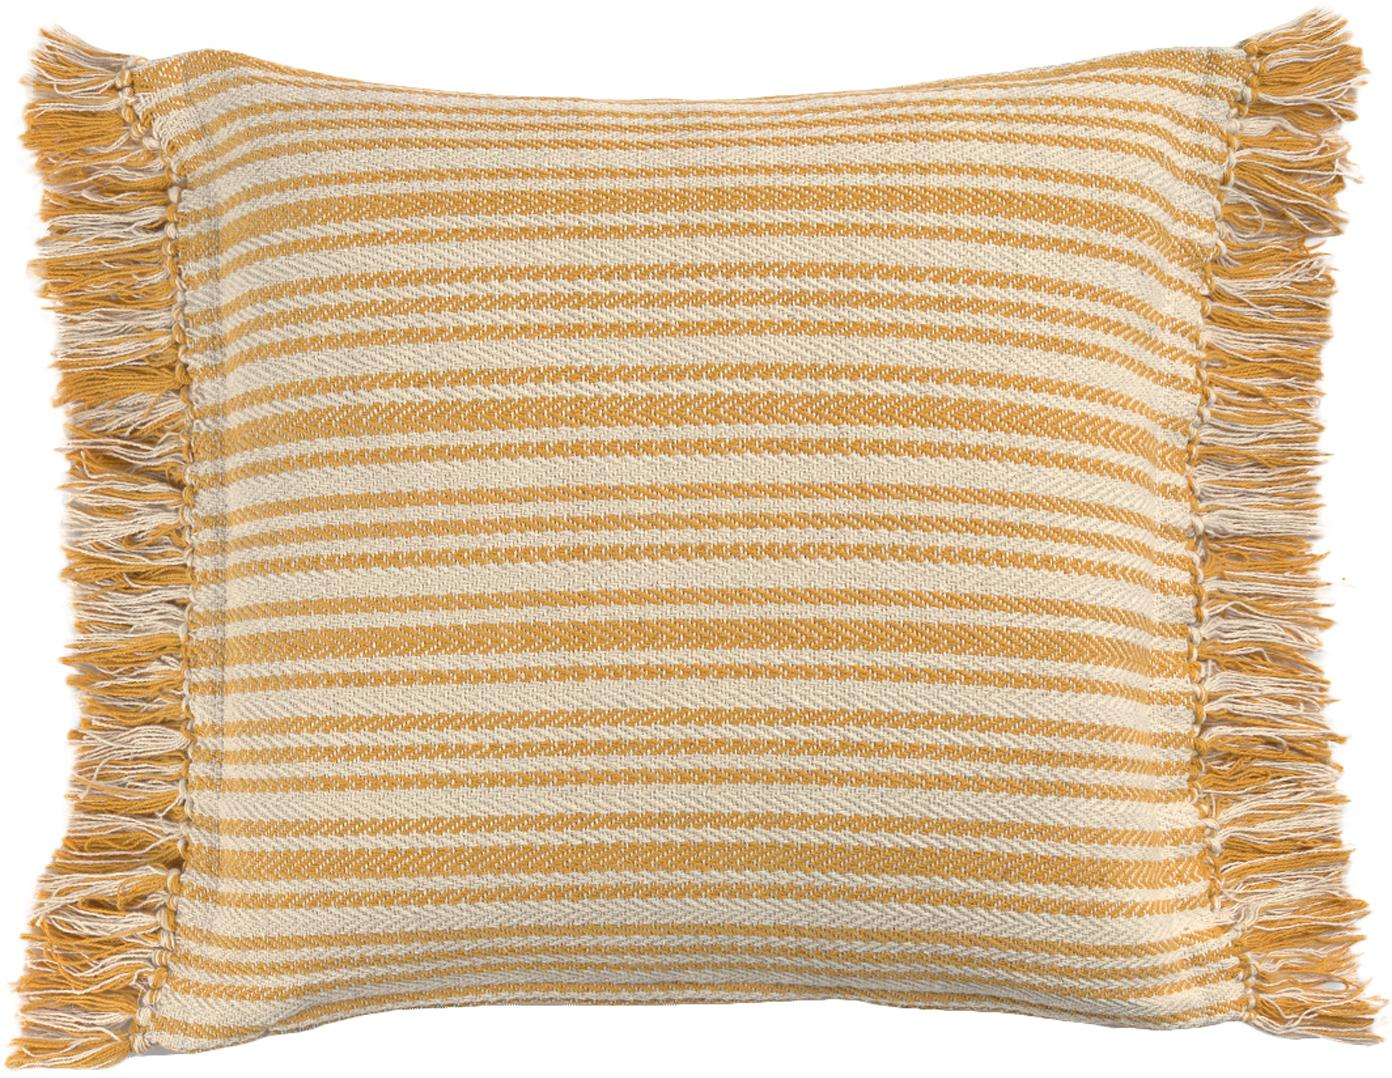 Gestreifte Kissenhülle Puket, 100% Baumwolle, Gebrochenes Weiß, Senfgelb, 45 x 45 cm